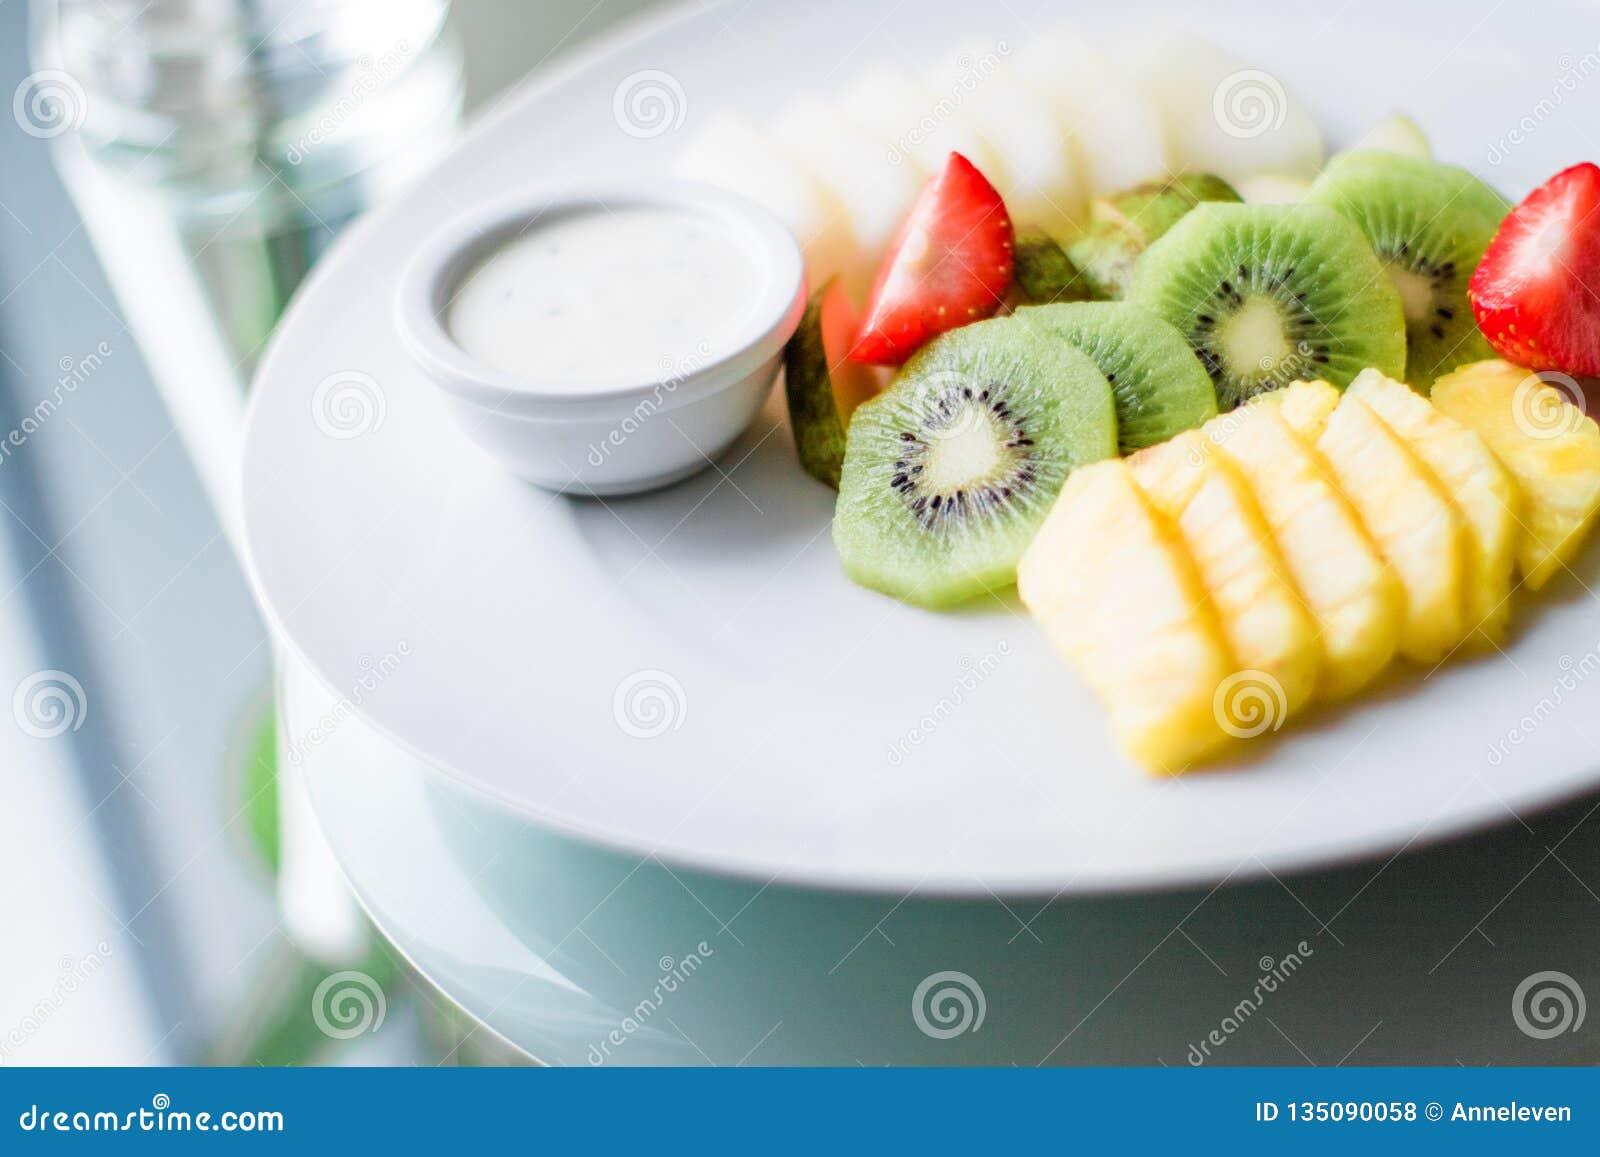 Le plat de fruit a servi - des fruits frais et le concept dénommé par consommation saine